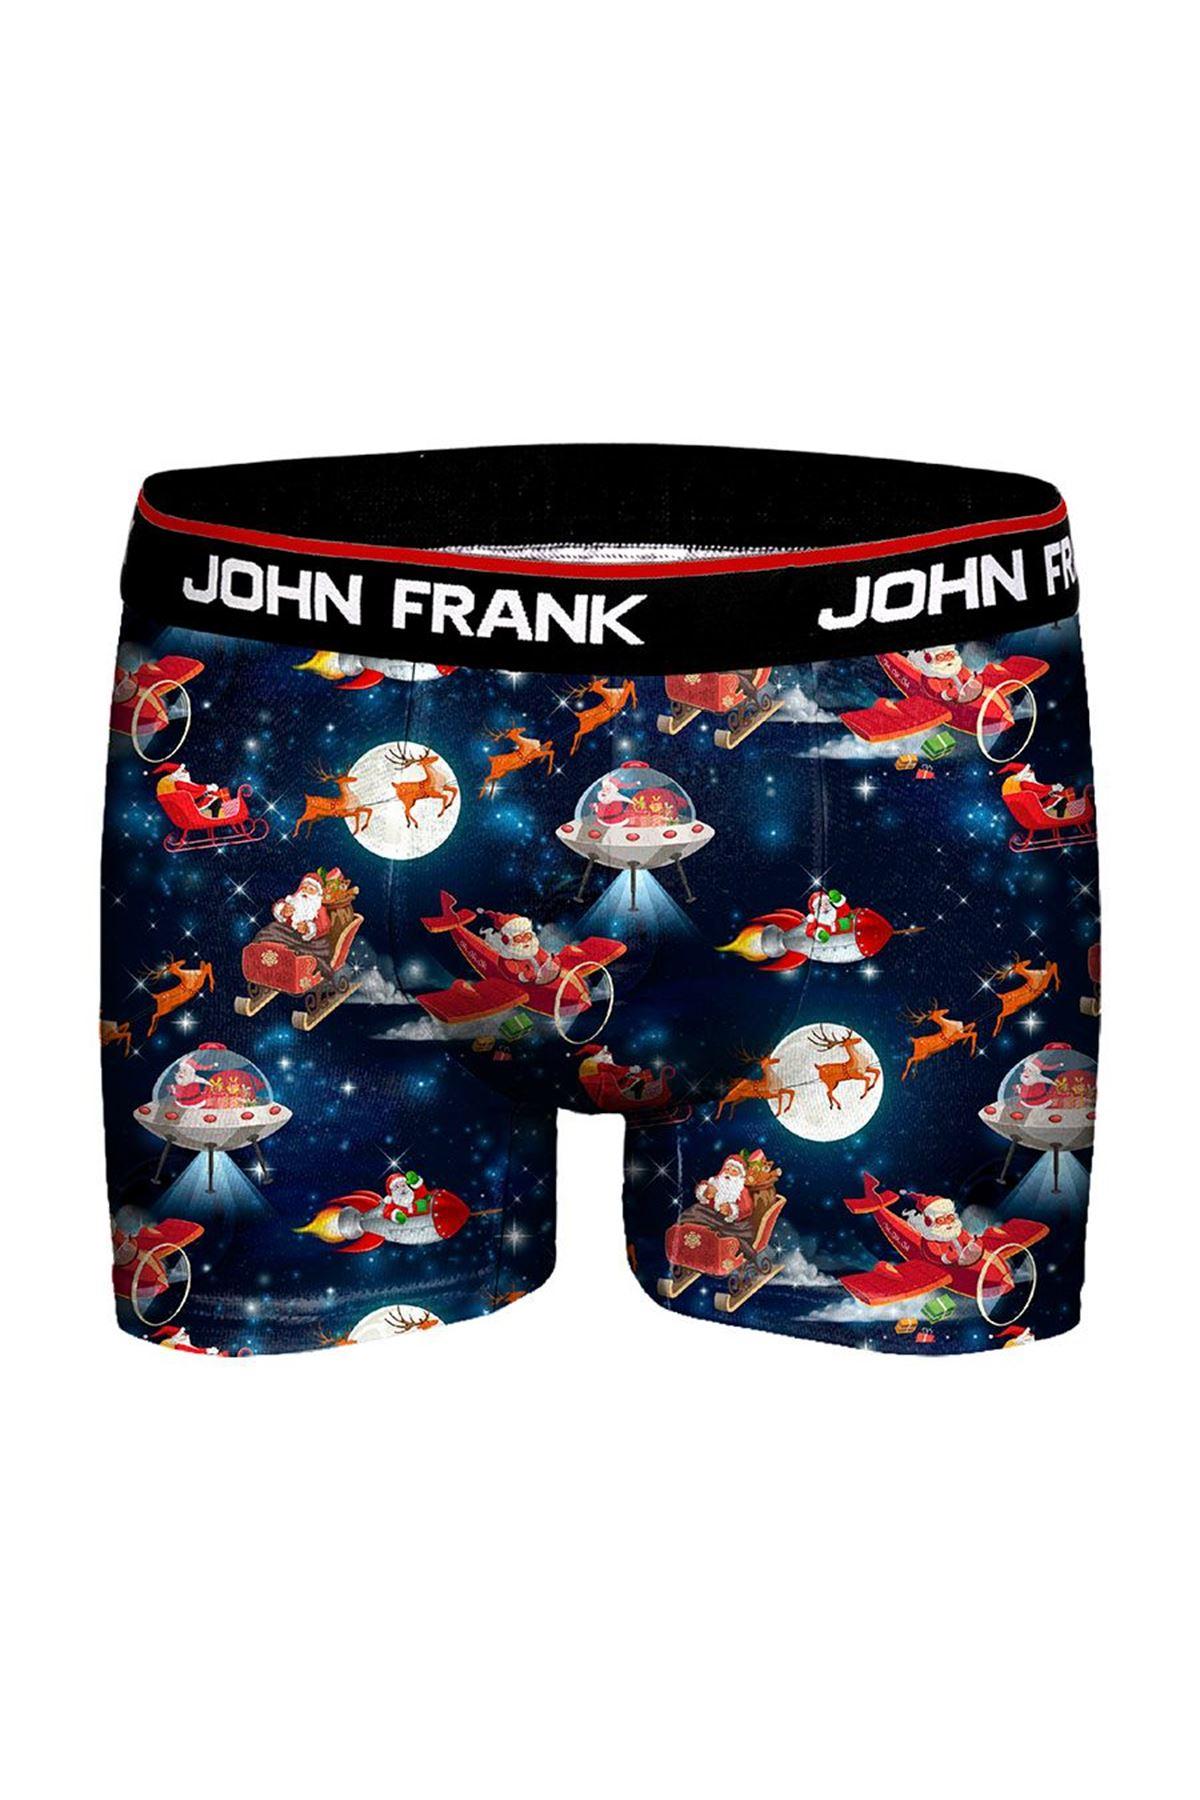 JOHN FRANK JFBD10-CH SANTA SPADE ERKEK BOXER DESENLİ